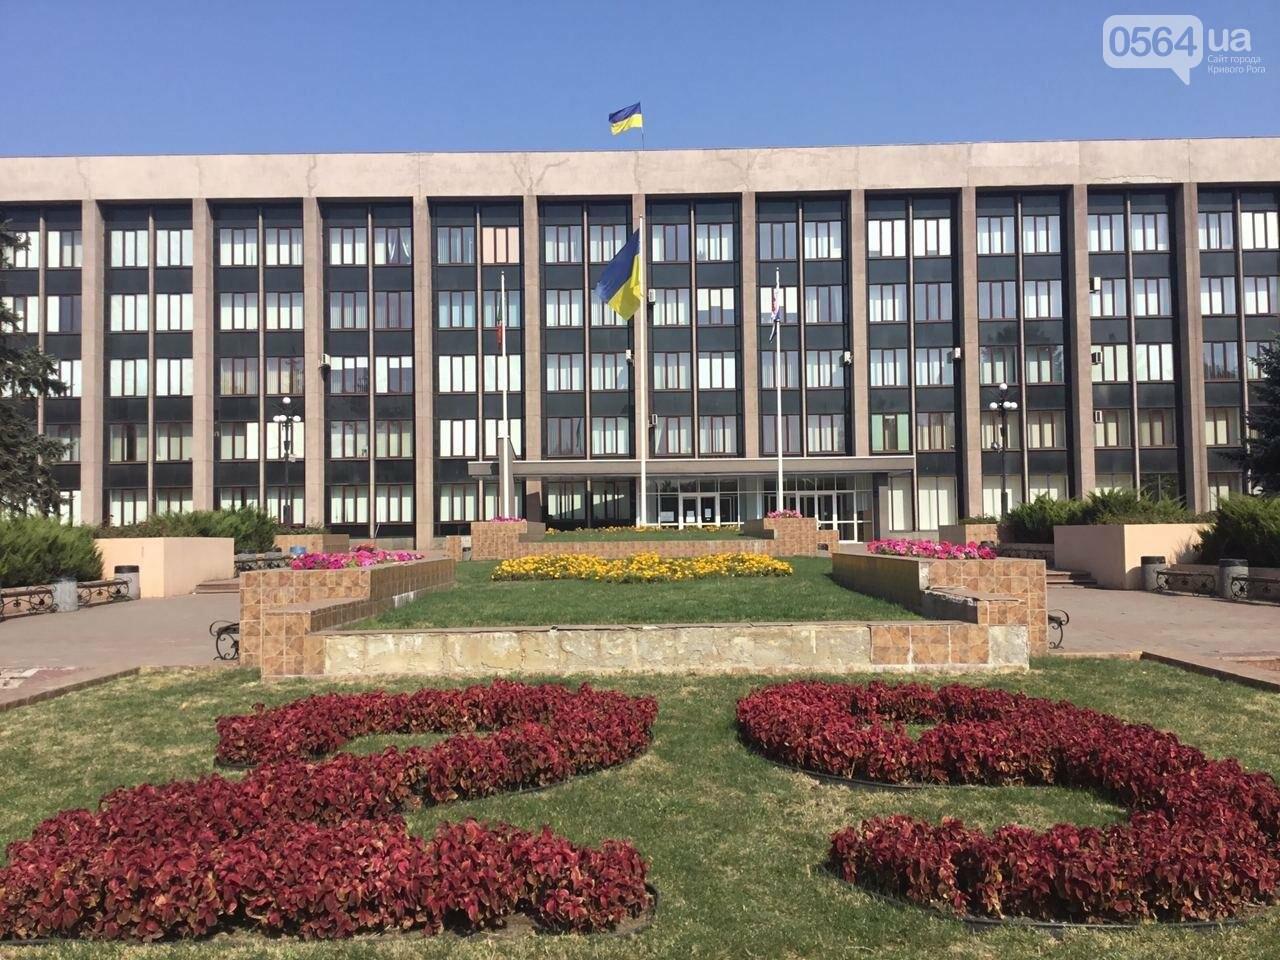 9 кандидатов в мэры и 7 партийных списков, - кого в Кривом Роге зарегистрировали кандидатами в градоначальники, - ФОТО, ВИДЕО, фото-14